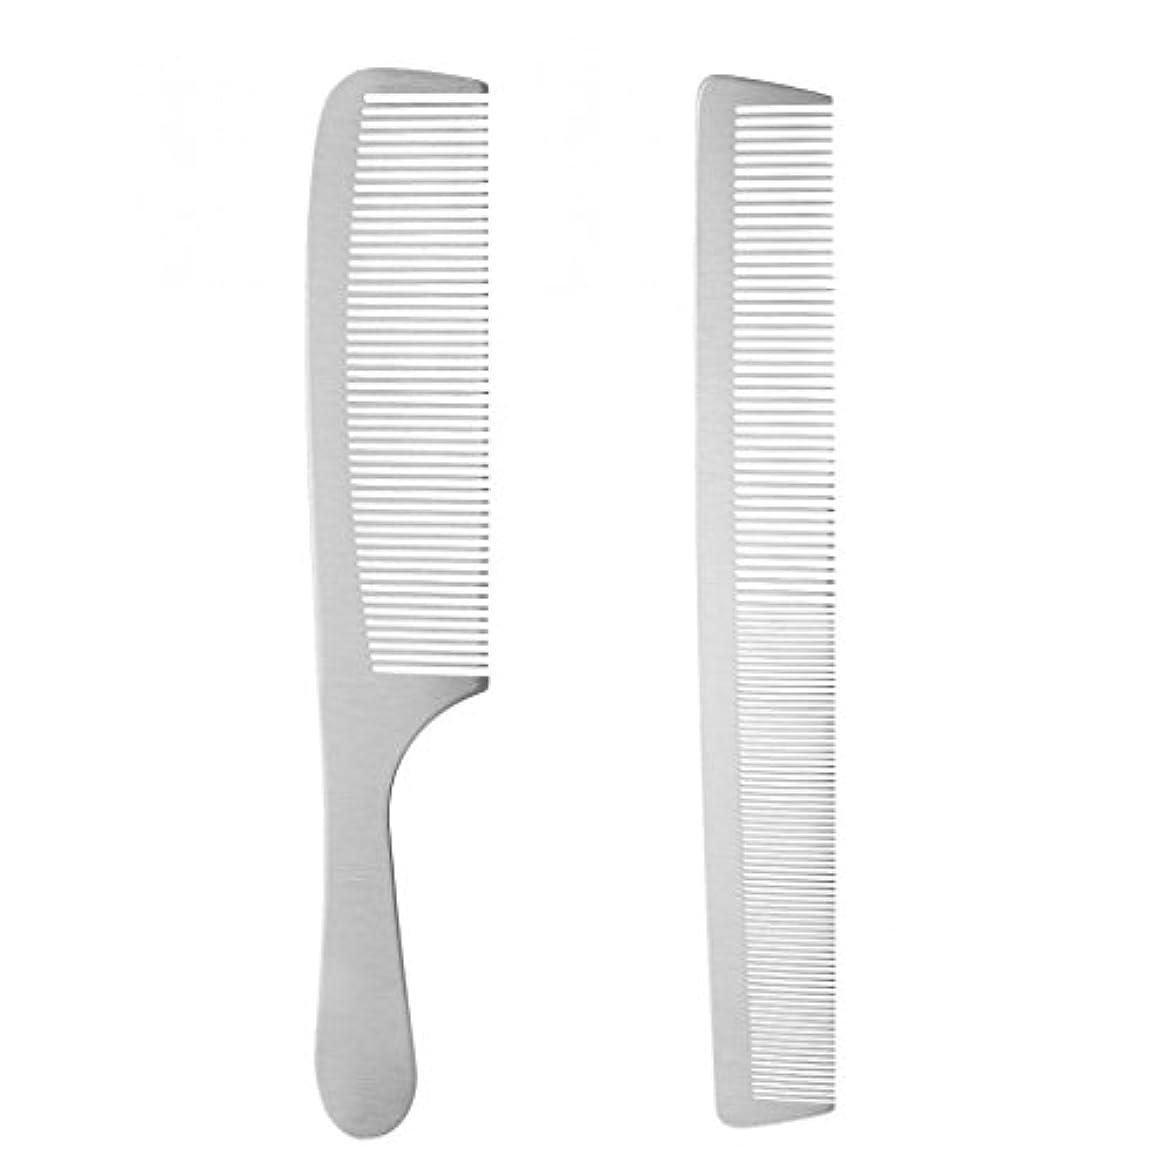 センチメートルエキスパート亡命2倍のステンレス鋼サロンの理髪師ヘアスタイリングヘアカットカッティングヘアブラシ